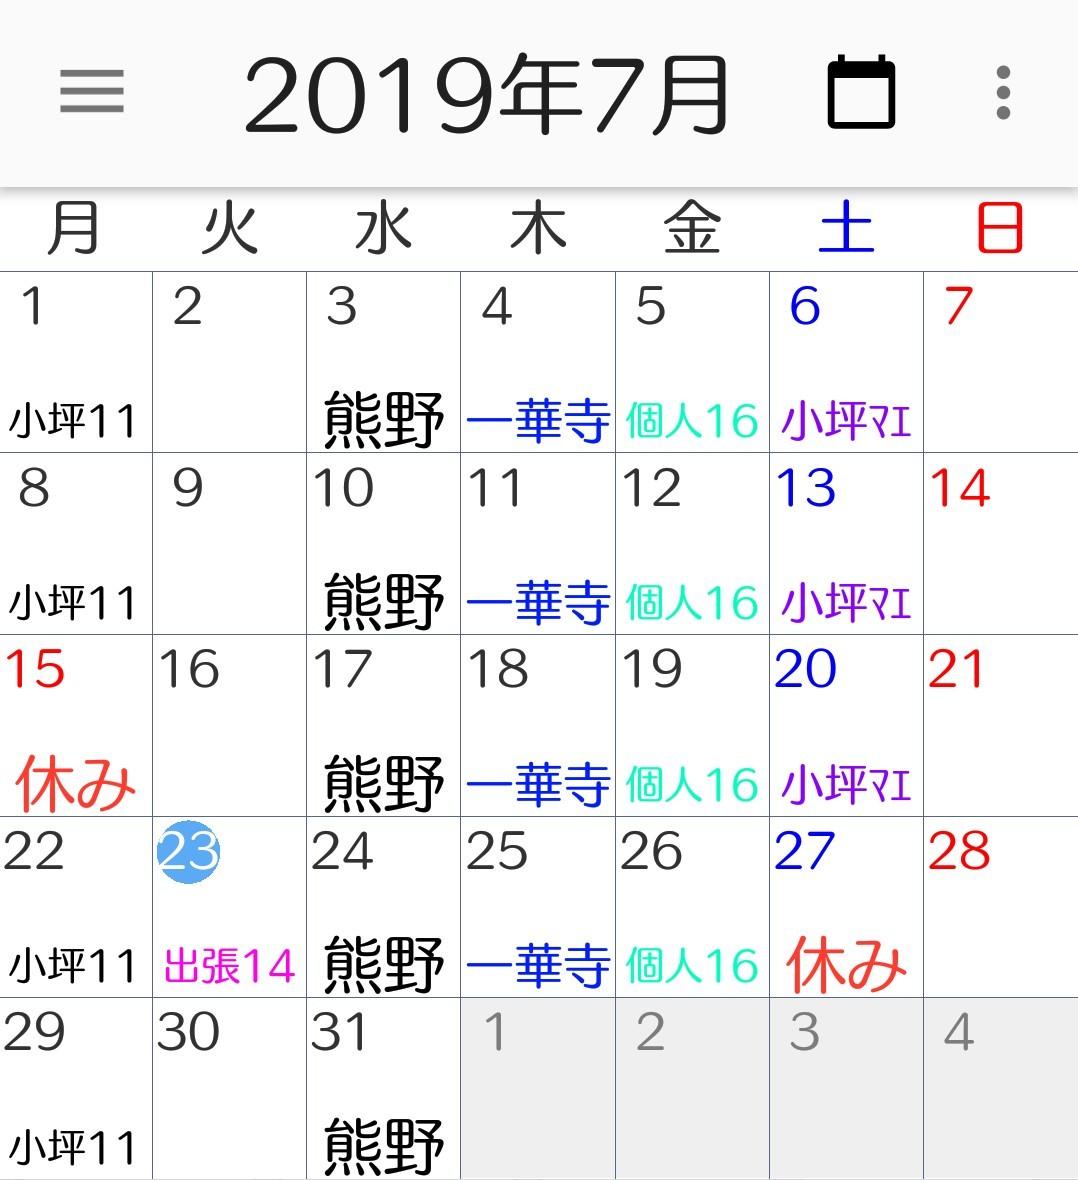 2019年7月の予定・カレンダー_c0366378_09195180.jpg